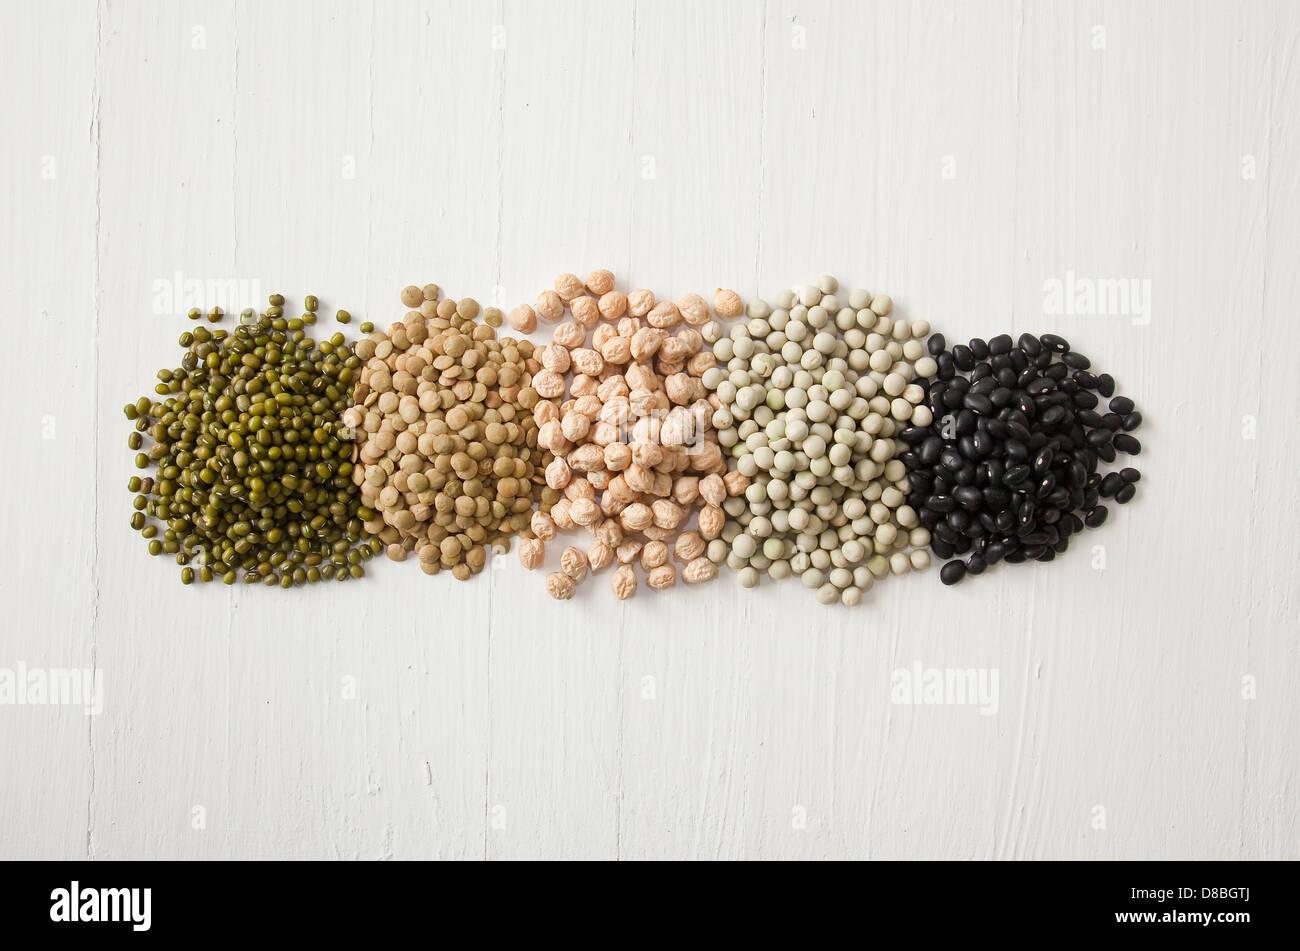 Des tas de pois, haricots, lentilles, les germes et les légumineuses dans une ligne sur une surface en bois Photo Stock